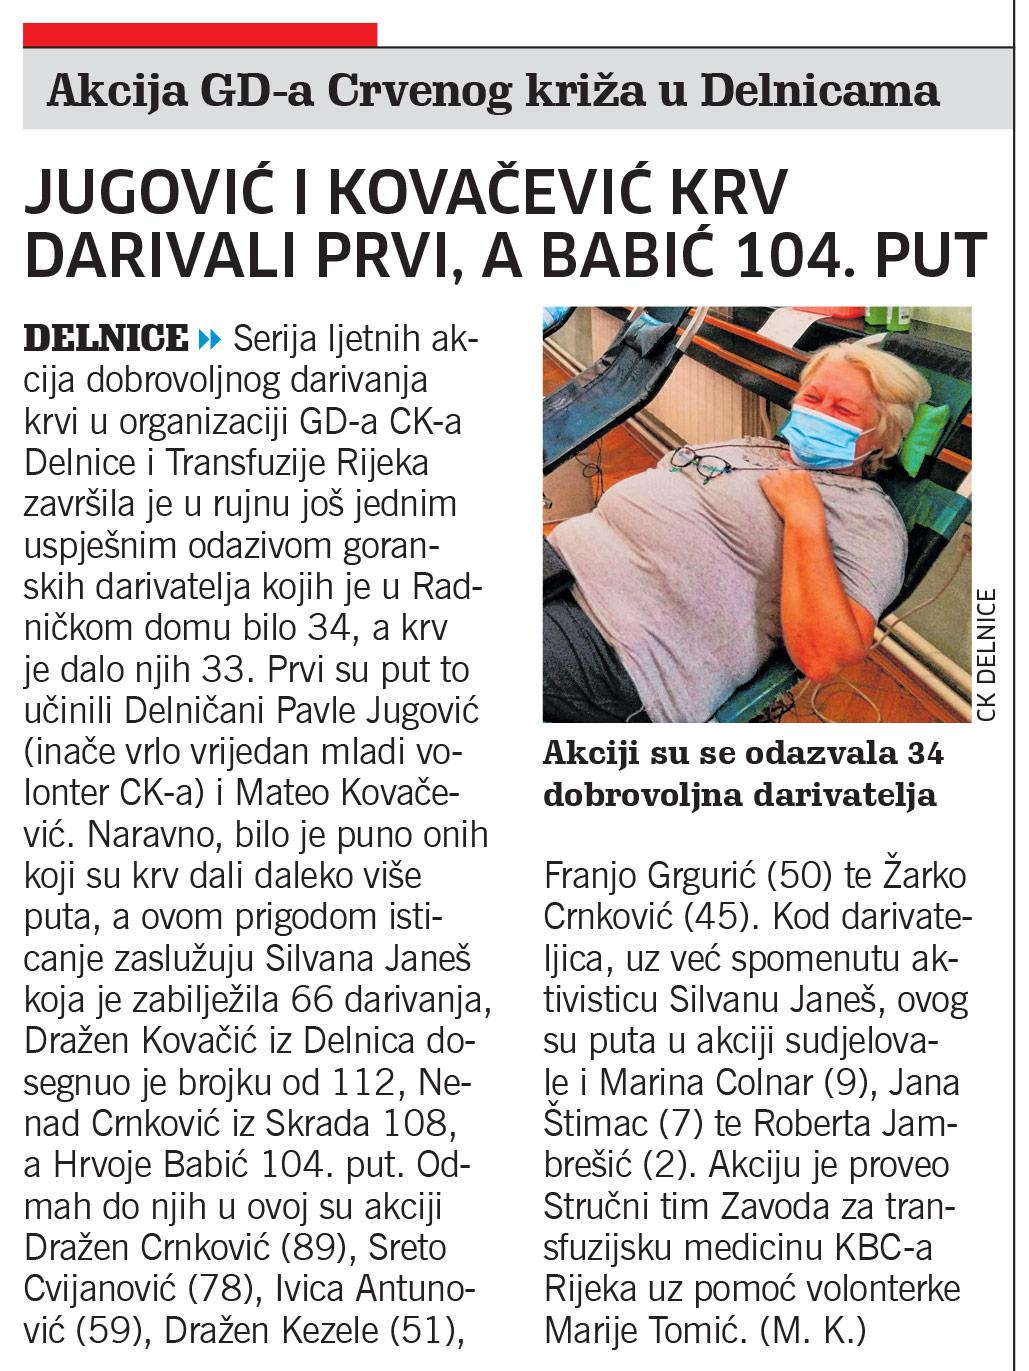 članak novi list, darivanje krvi